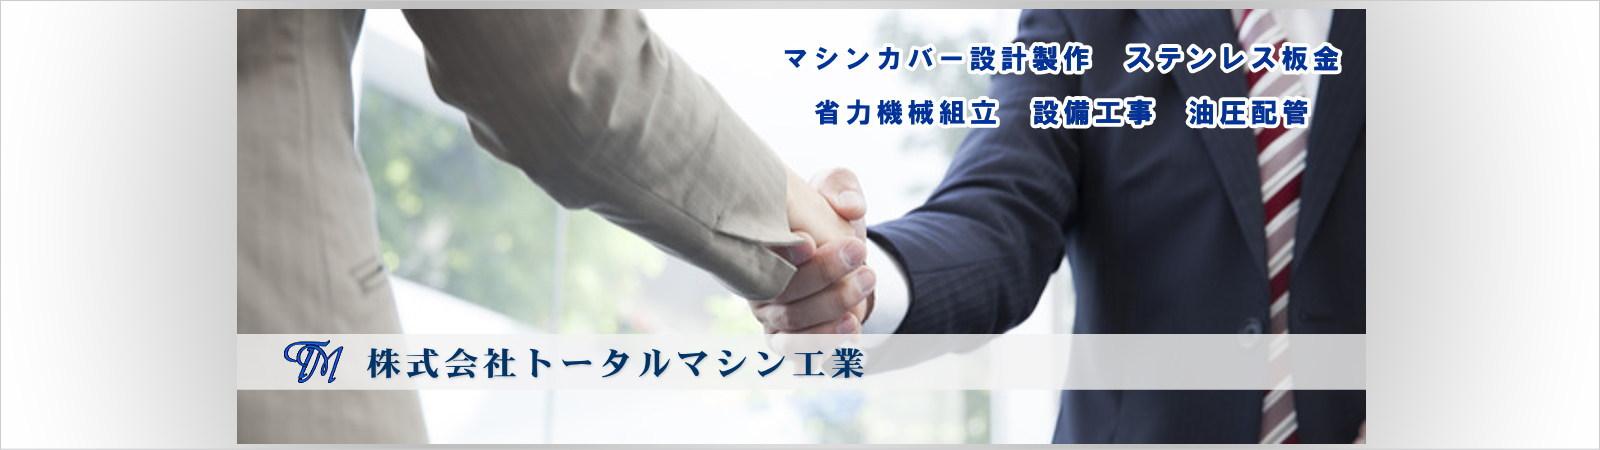 株式会社トータルマシン工業 静岡県浜松市中区にて主に金属板金加工・マシンカバー設計製作を承っております。